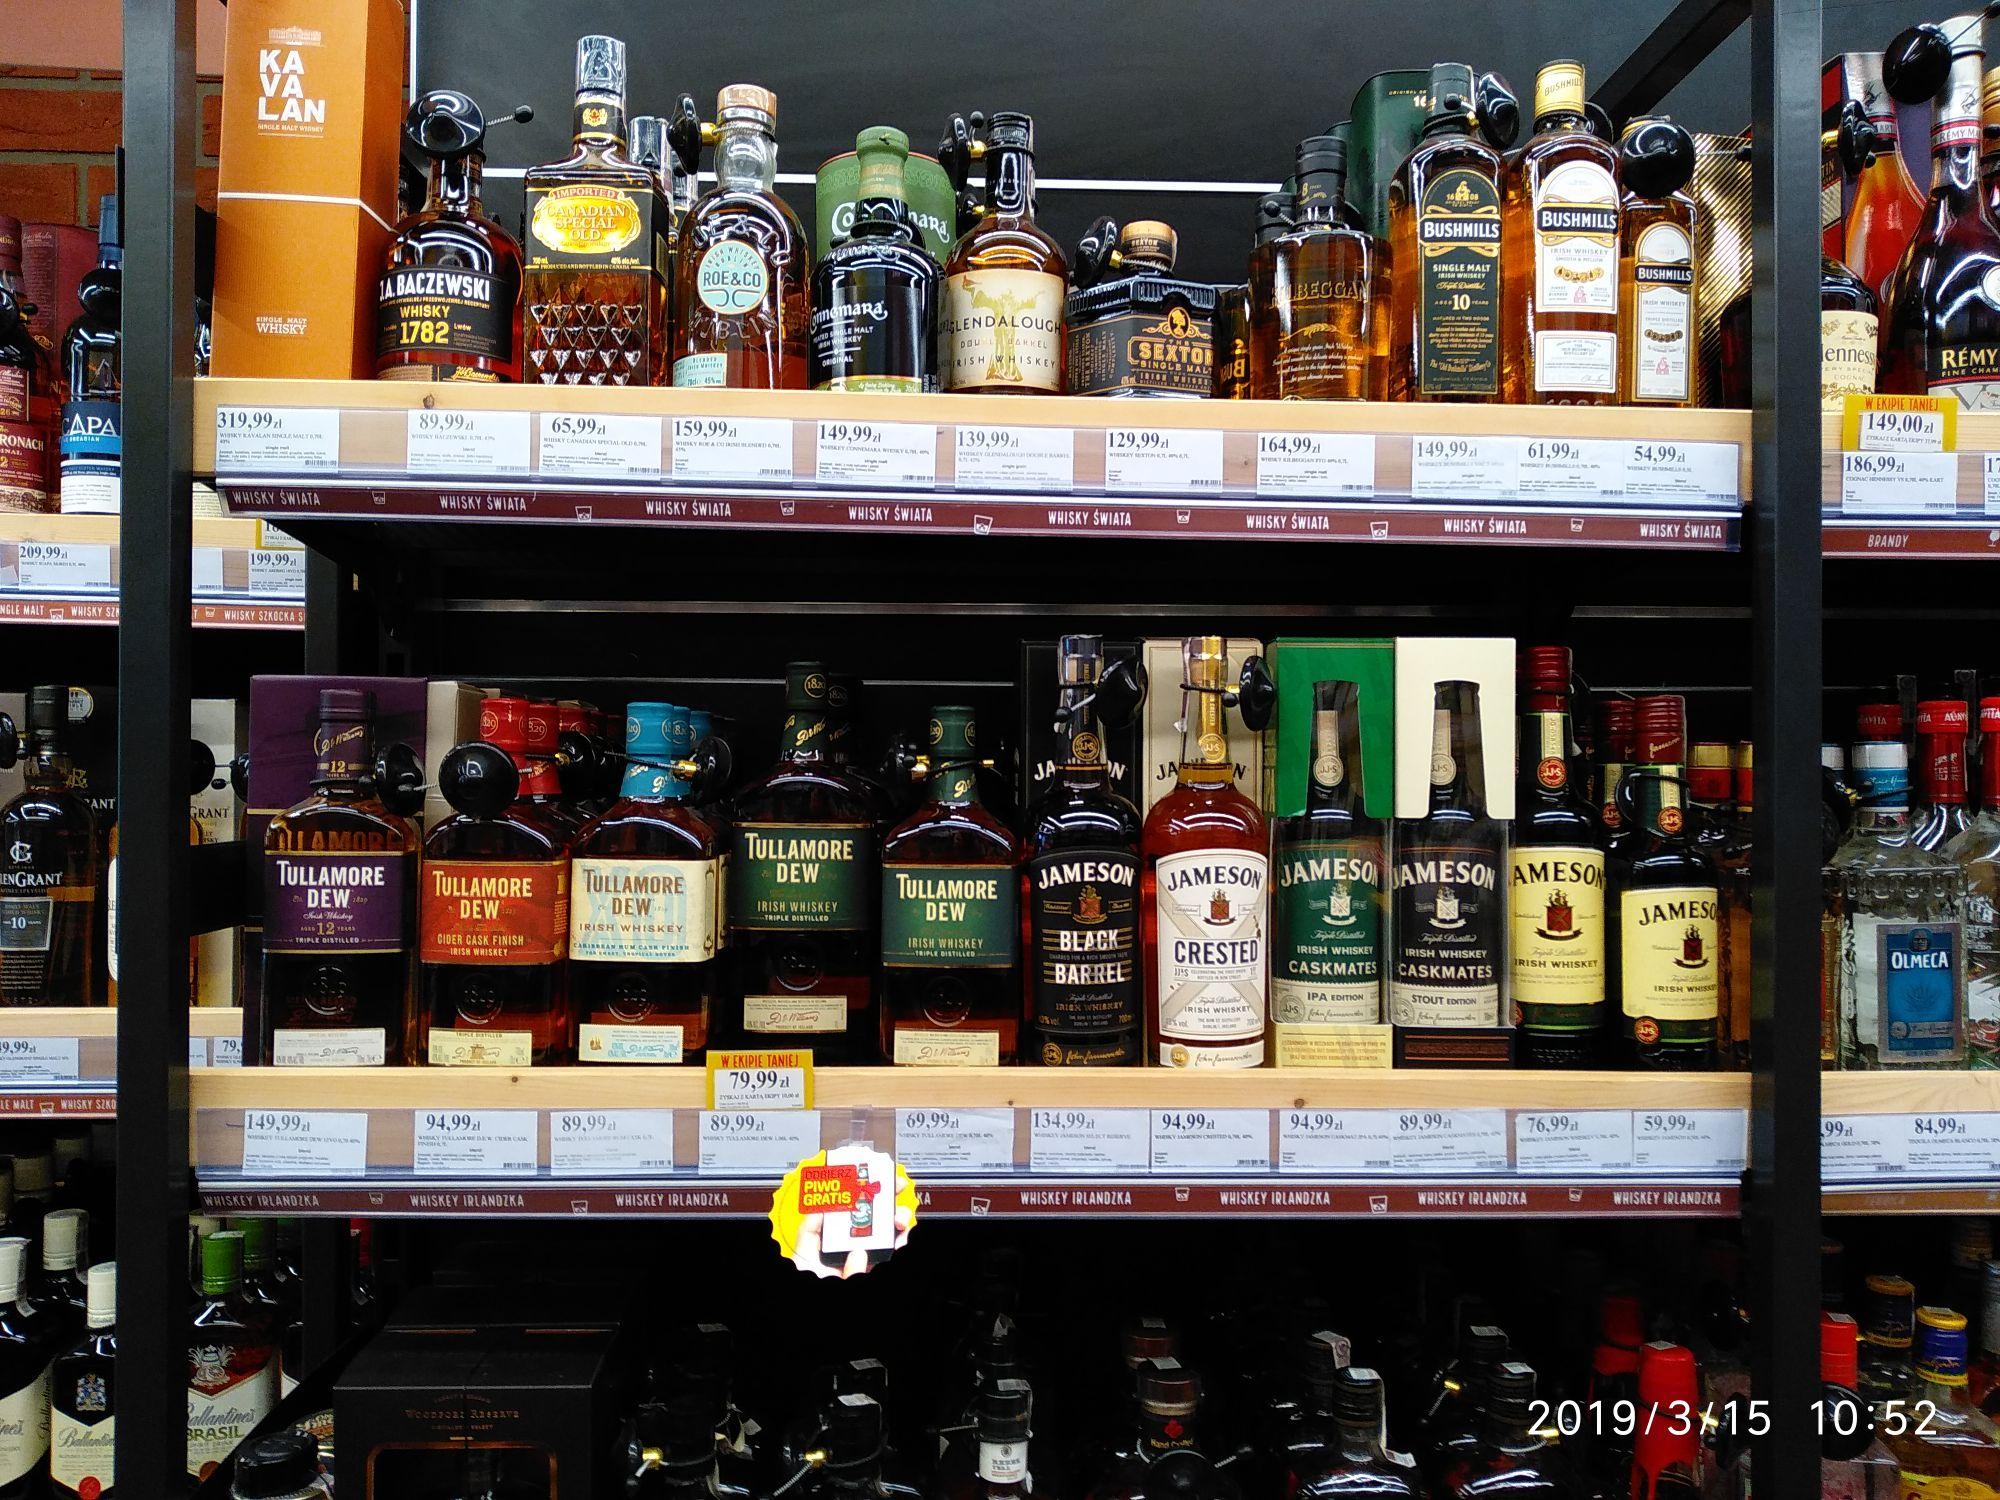 Duży Ben -20% na wszystkie irlandzkie whiskey